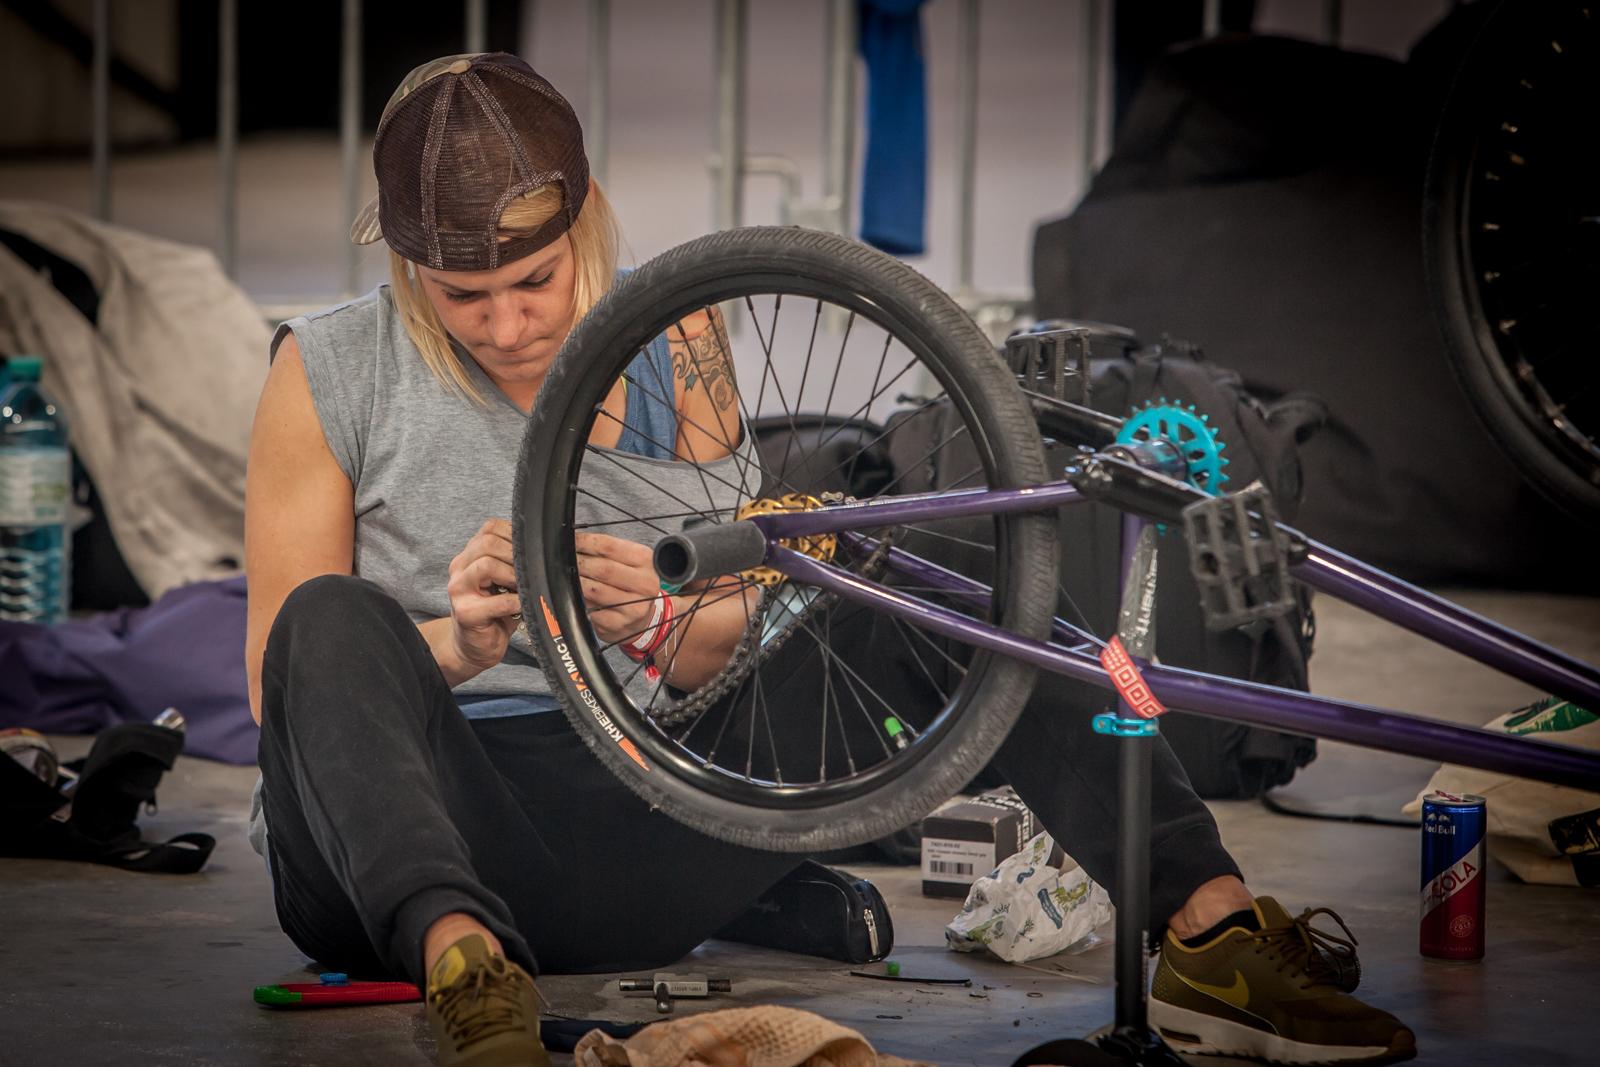 """Seit 2010 gibt es unter dem Namen """"Vienna Jam"""" eine jährliche Zusammenkunft von BMX-Fahrern und - wenigen, aber doch - Fahrerinnen der Disziplin Flatland. Heuer fand diese Veranstaltung im Rahmen der WFS statt."""